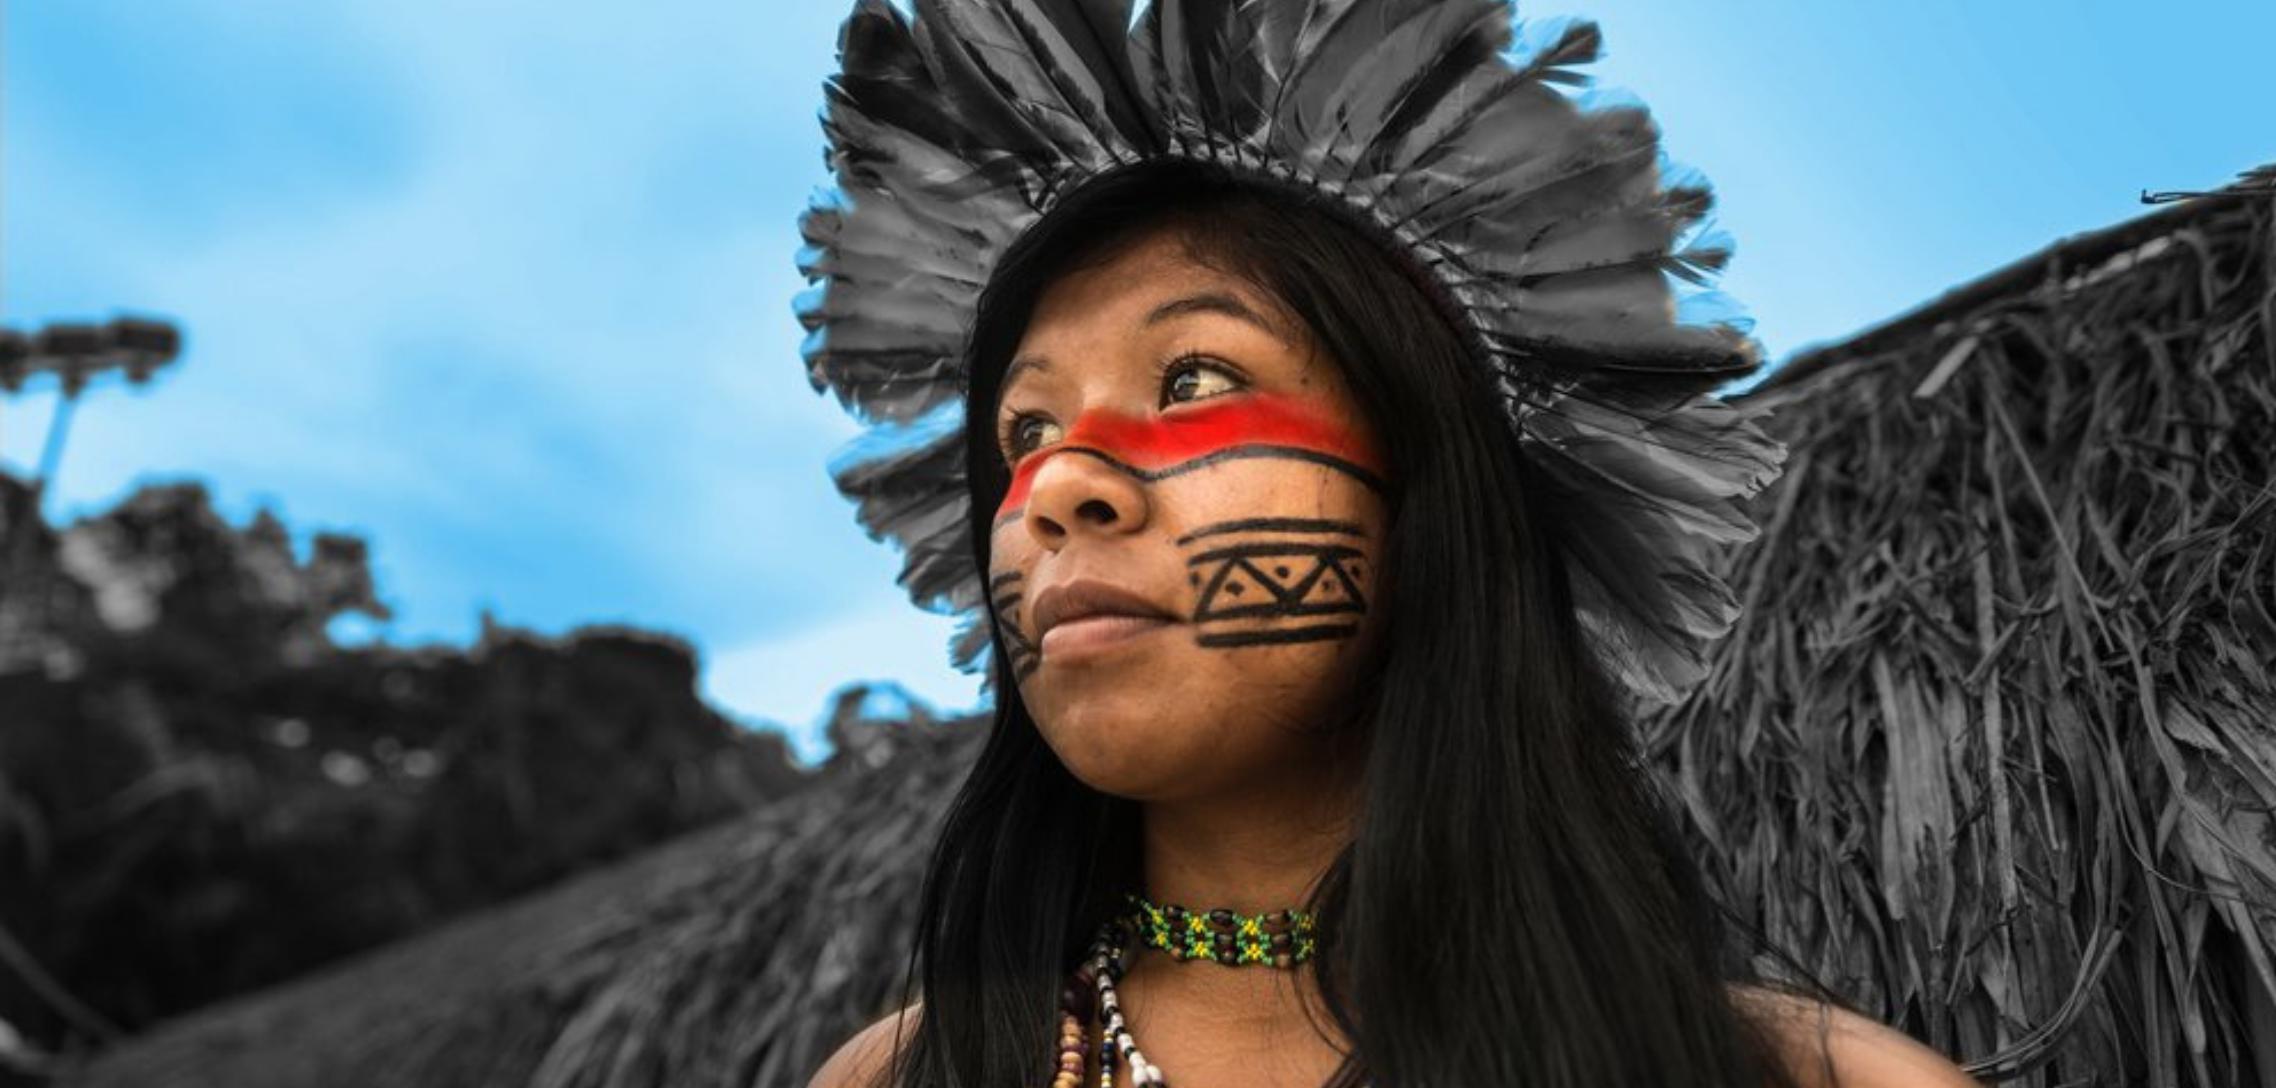 indigeni-amazzonia-cultura-cortile dei gentili